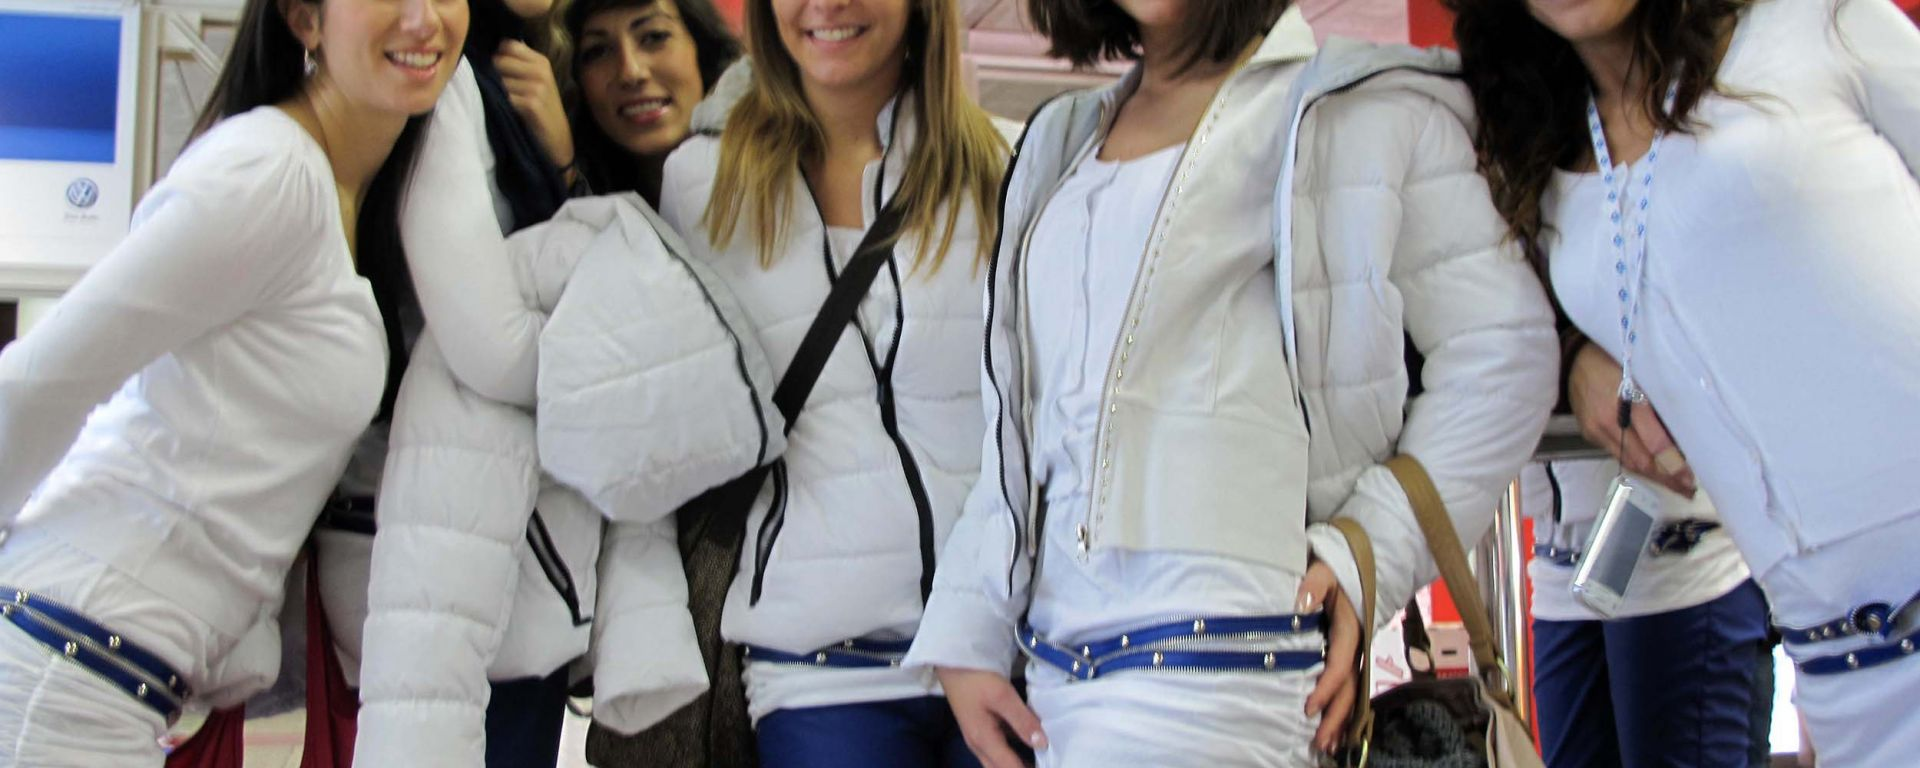 Motor Show 2011, le ragazze degli stand